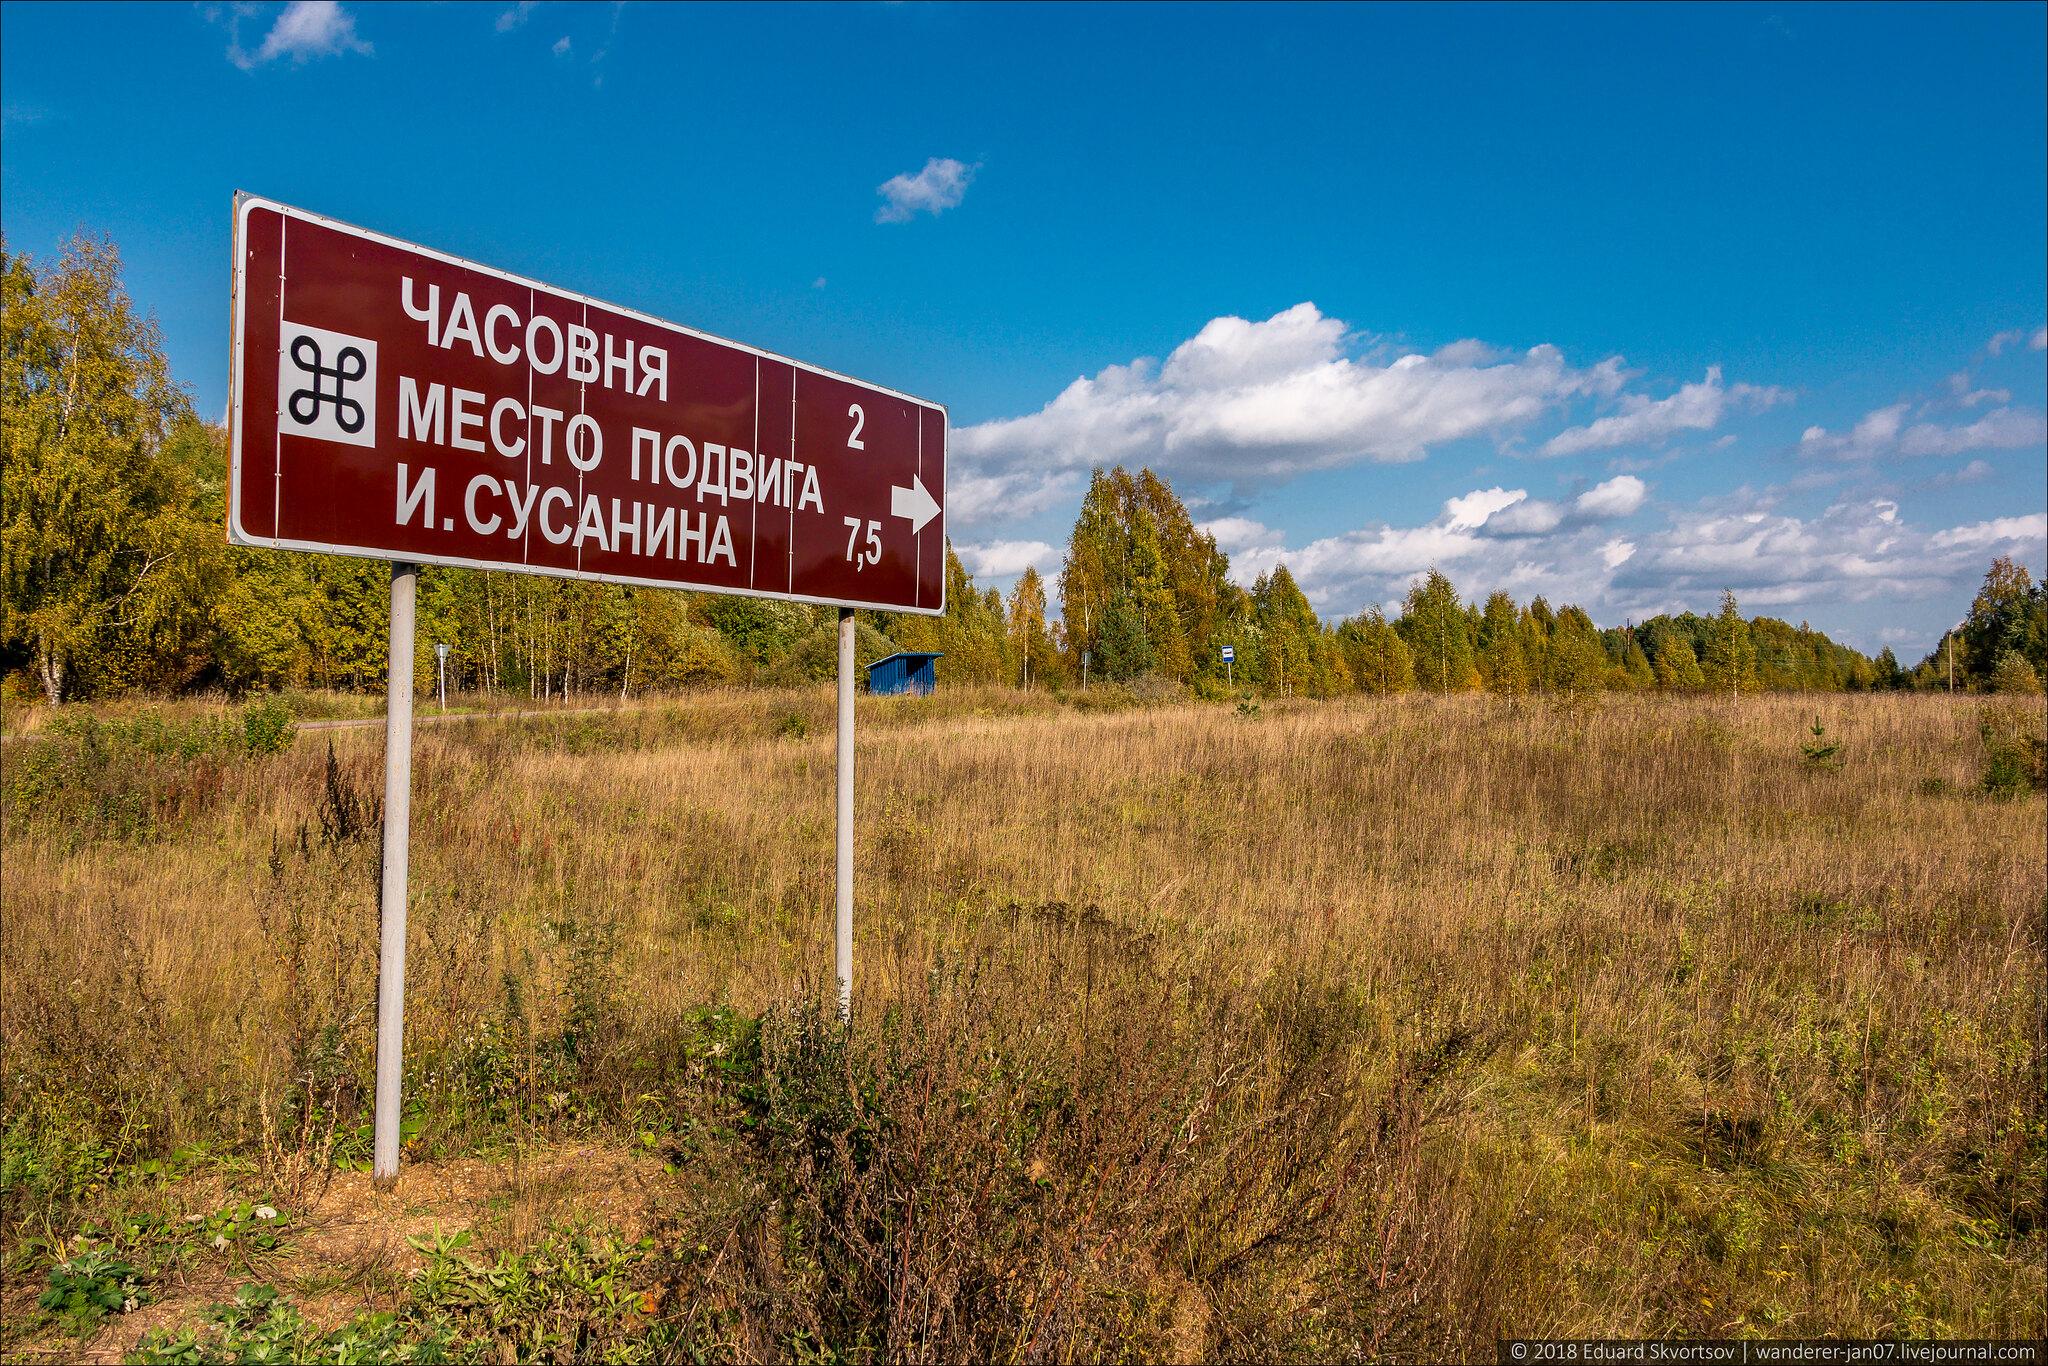 Сусанино. По следам спасителя царской династии Костромская область